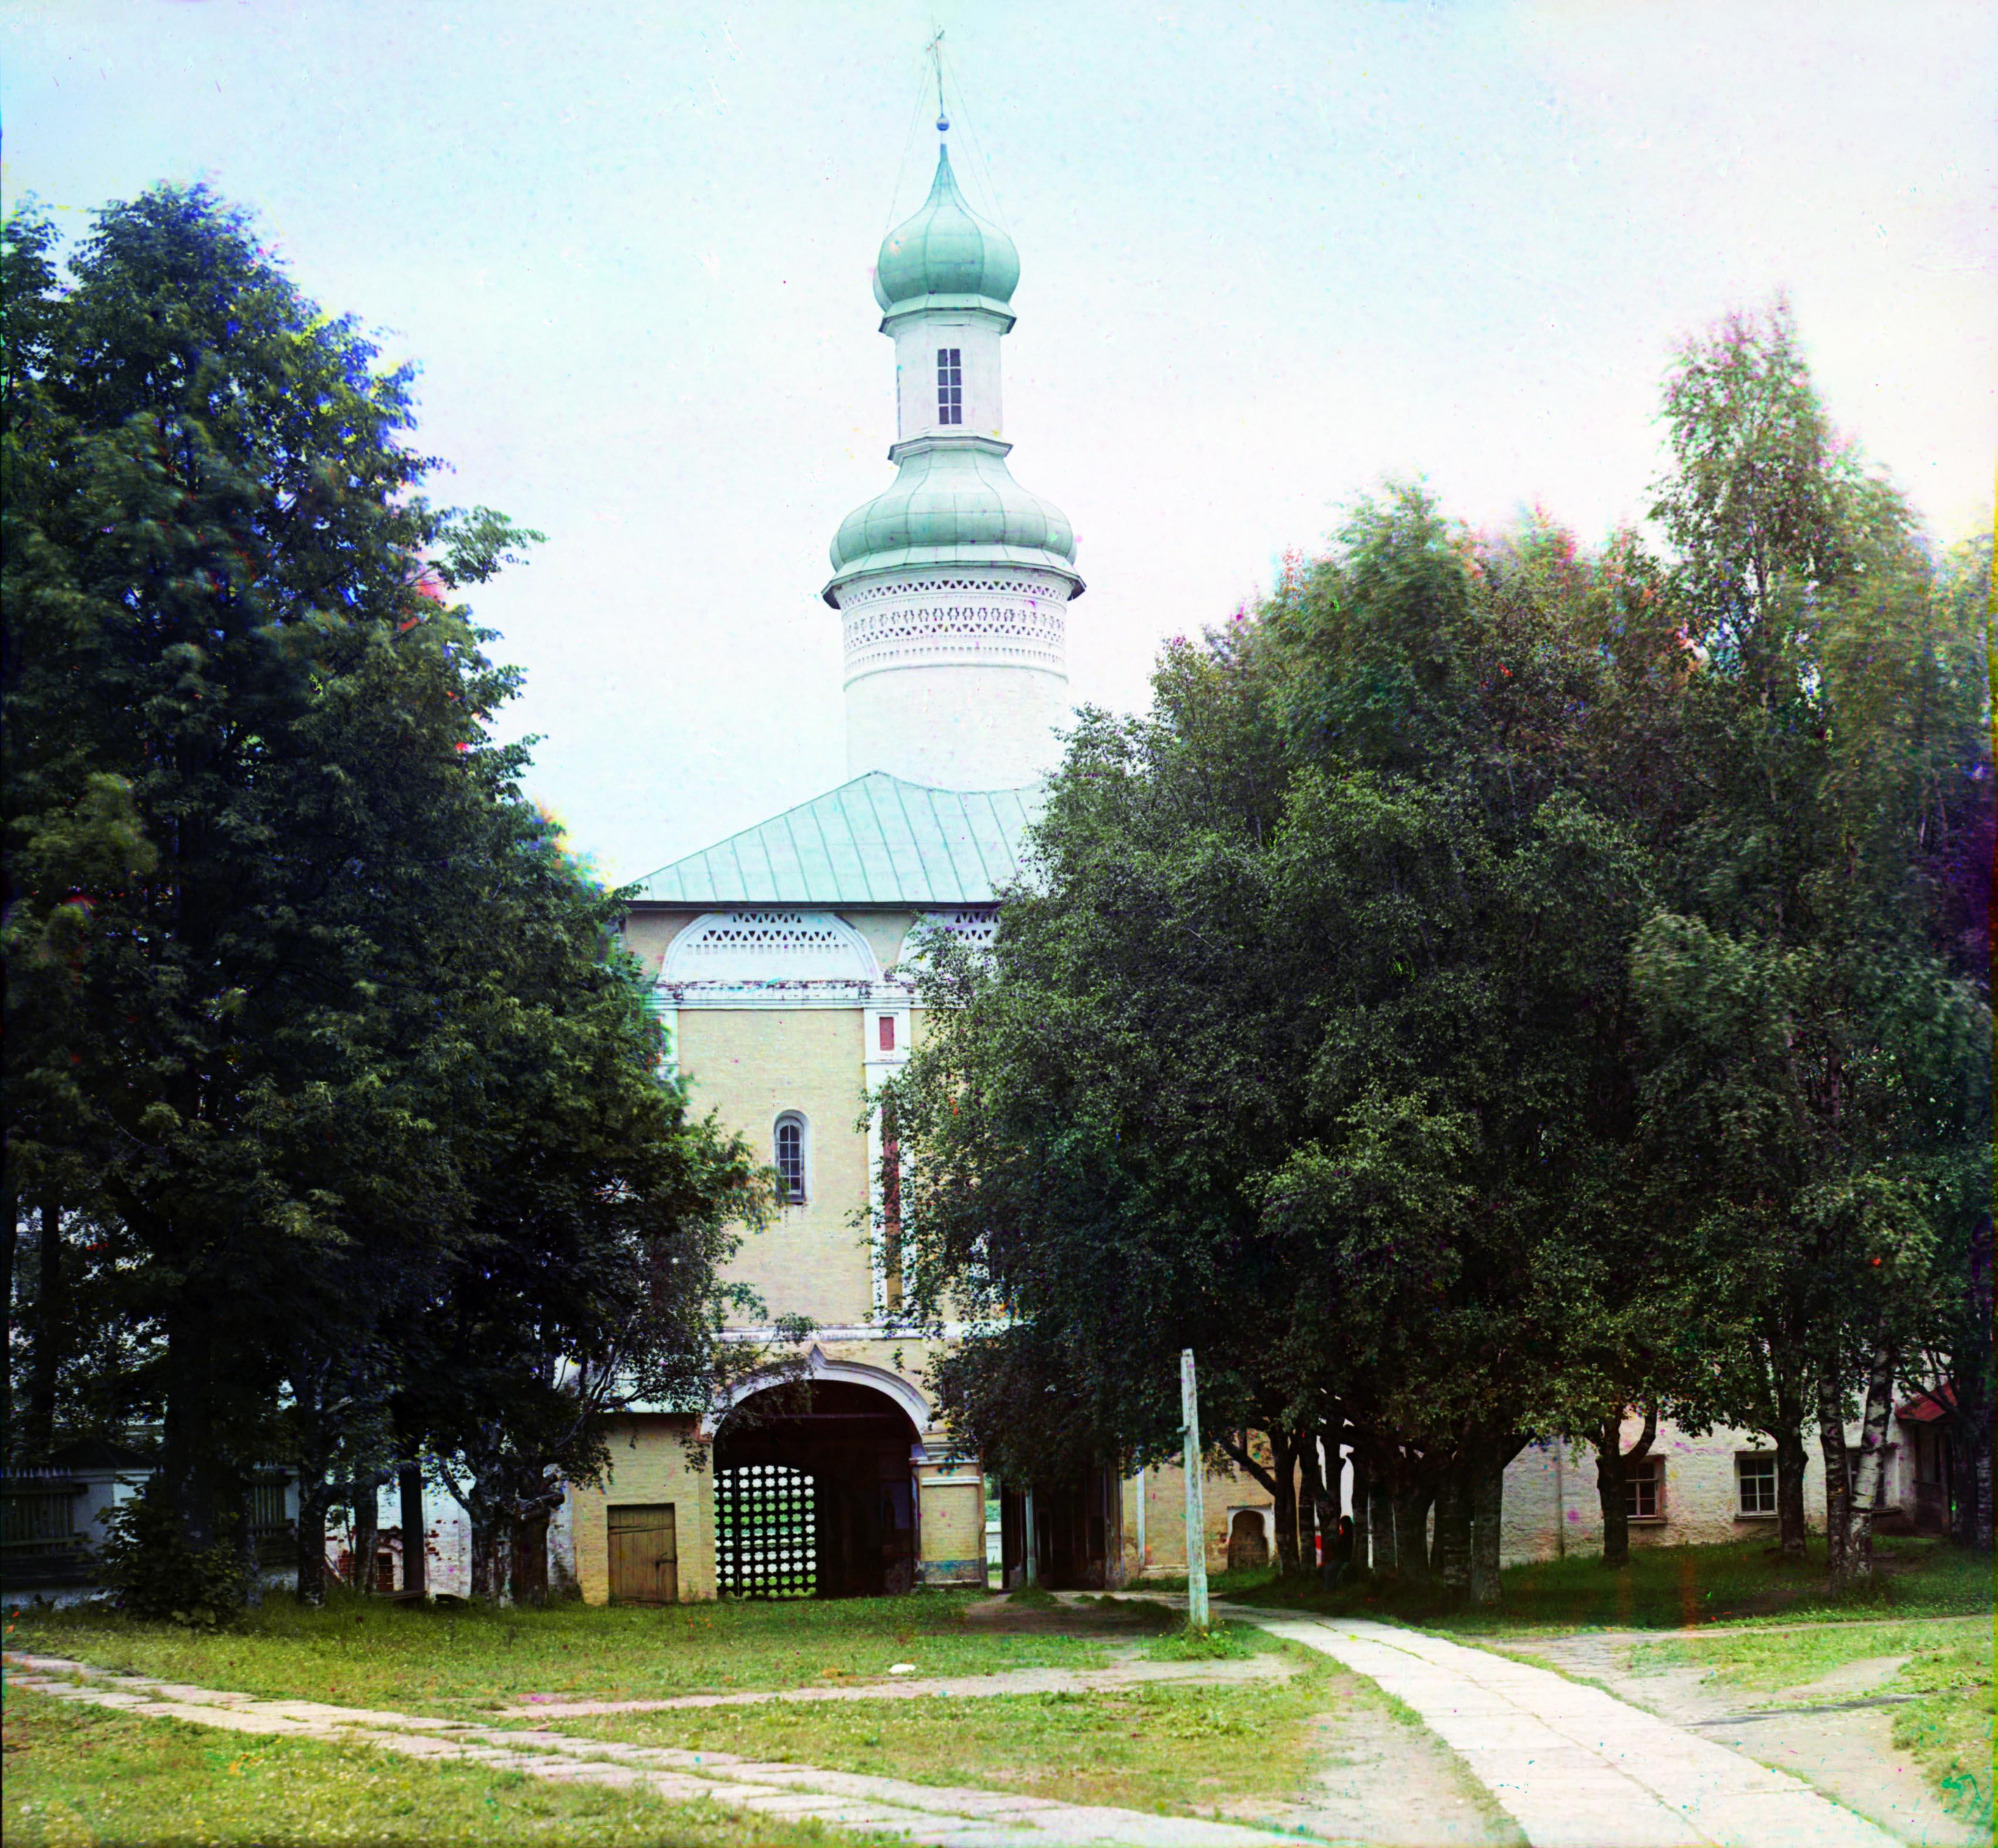 Кирилло-Белозерский монастырь. Святые ворота с внутренней стороны с церковью Иоанна Лествичника